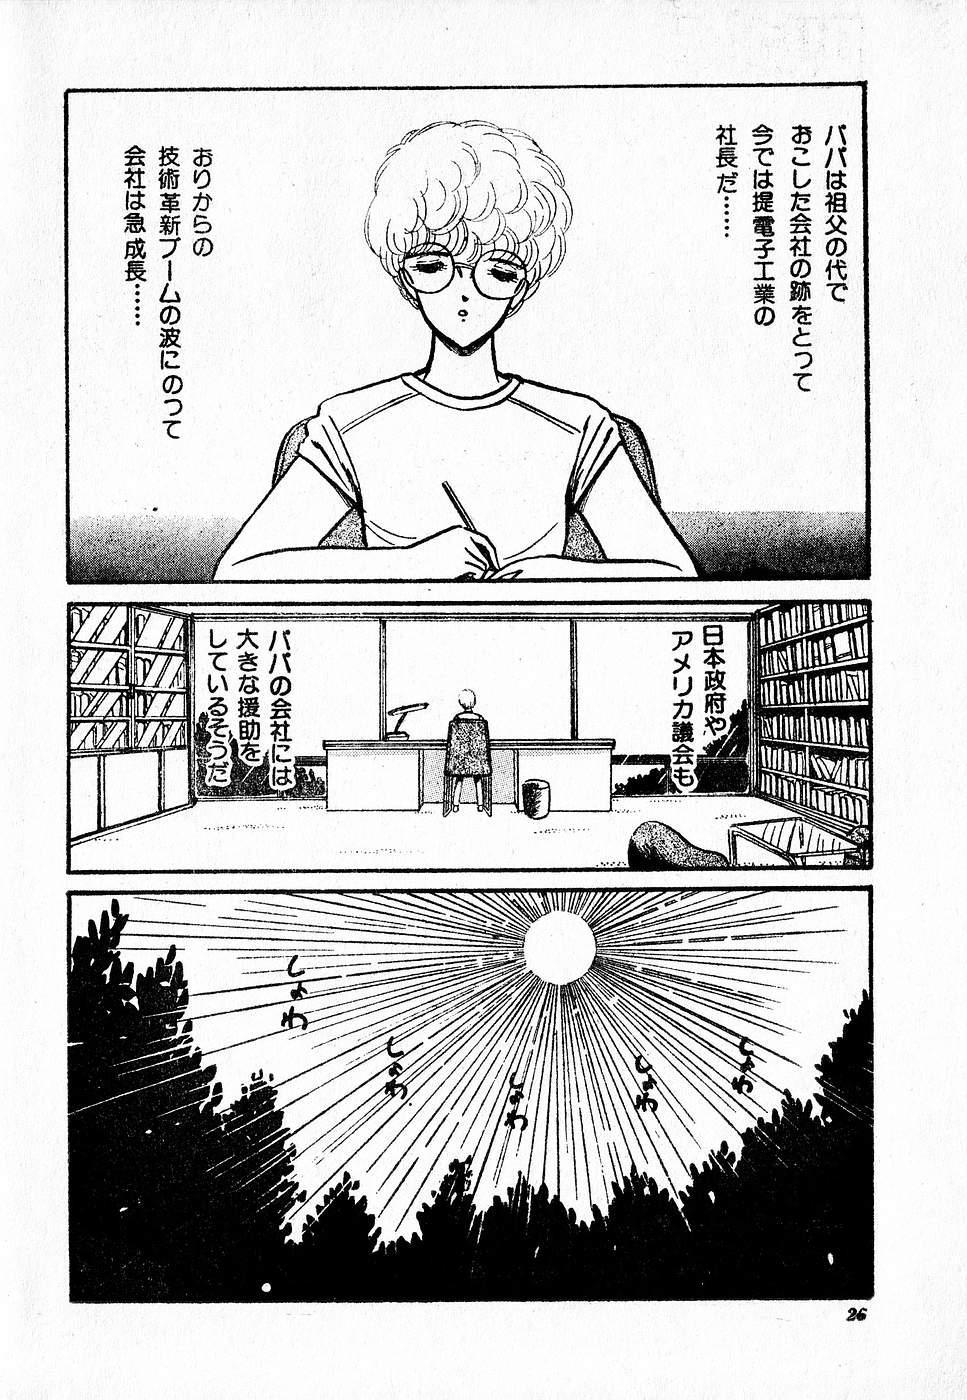 COMIC Lolipop 1985-10 Soukanjunbigou Aki 25